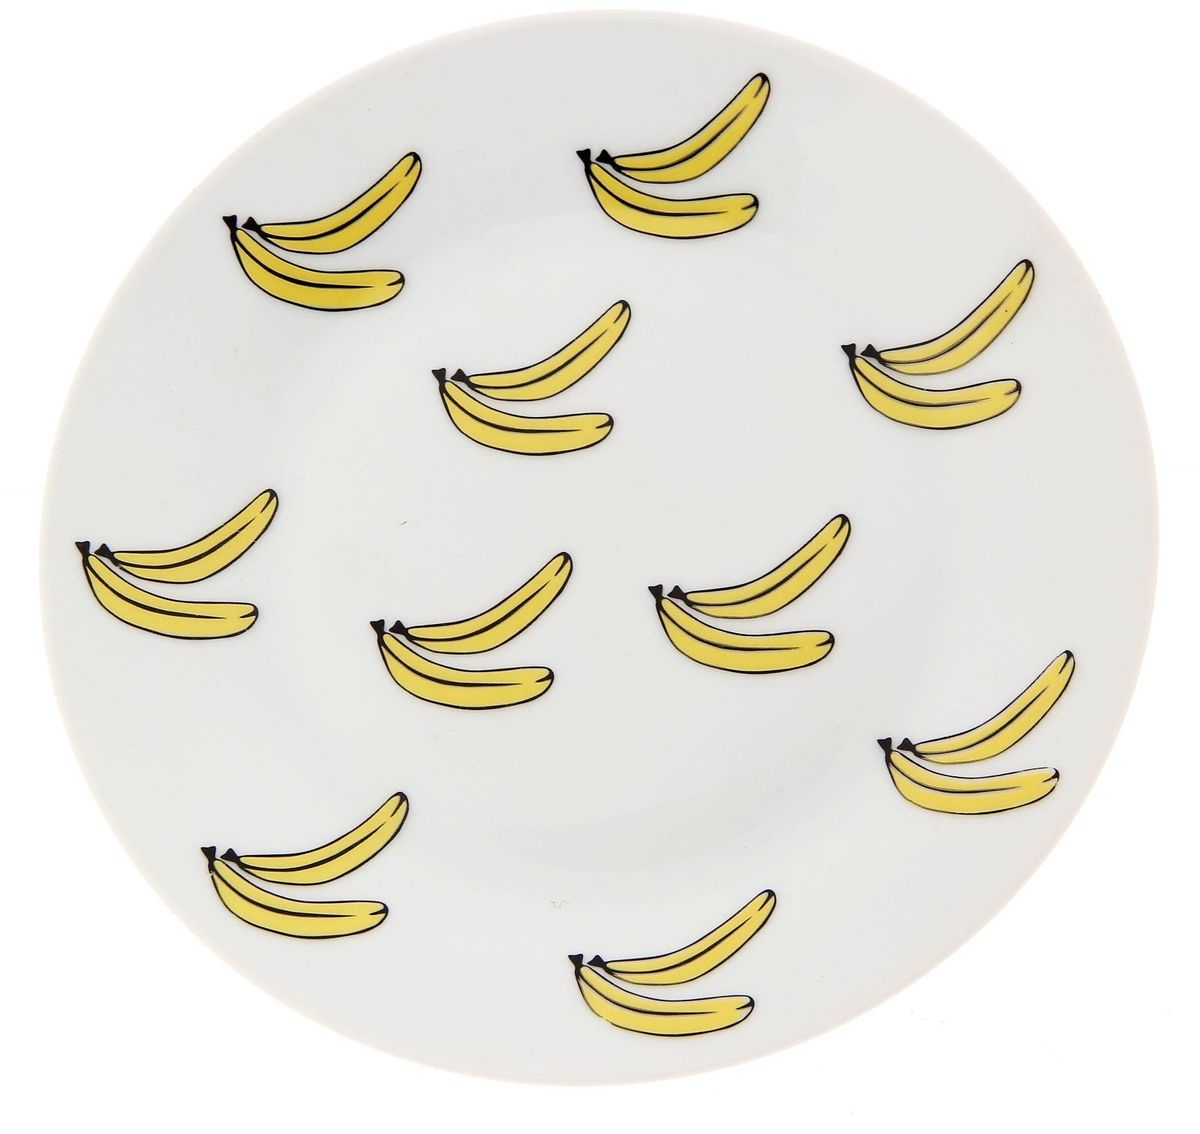 Тарелка мелкая Сотвори чудо Бананы, диаметр 20 см54 009312Хотите обновить интерьер кухни или гостиной? Устраиваете необычную фотосессию или тематический праздник? А может, просто ищете подарок для близкого человека? Посуда Сотвори Чудо — правильный выбор в любой ситуации. Тарелка Сотвори Чудо, изготовленная из изящного фаянса нежного сливочного цвета, оформлена оригинальным рисунком со стойкой краской. Пригодна для посудомоечной машины.